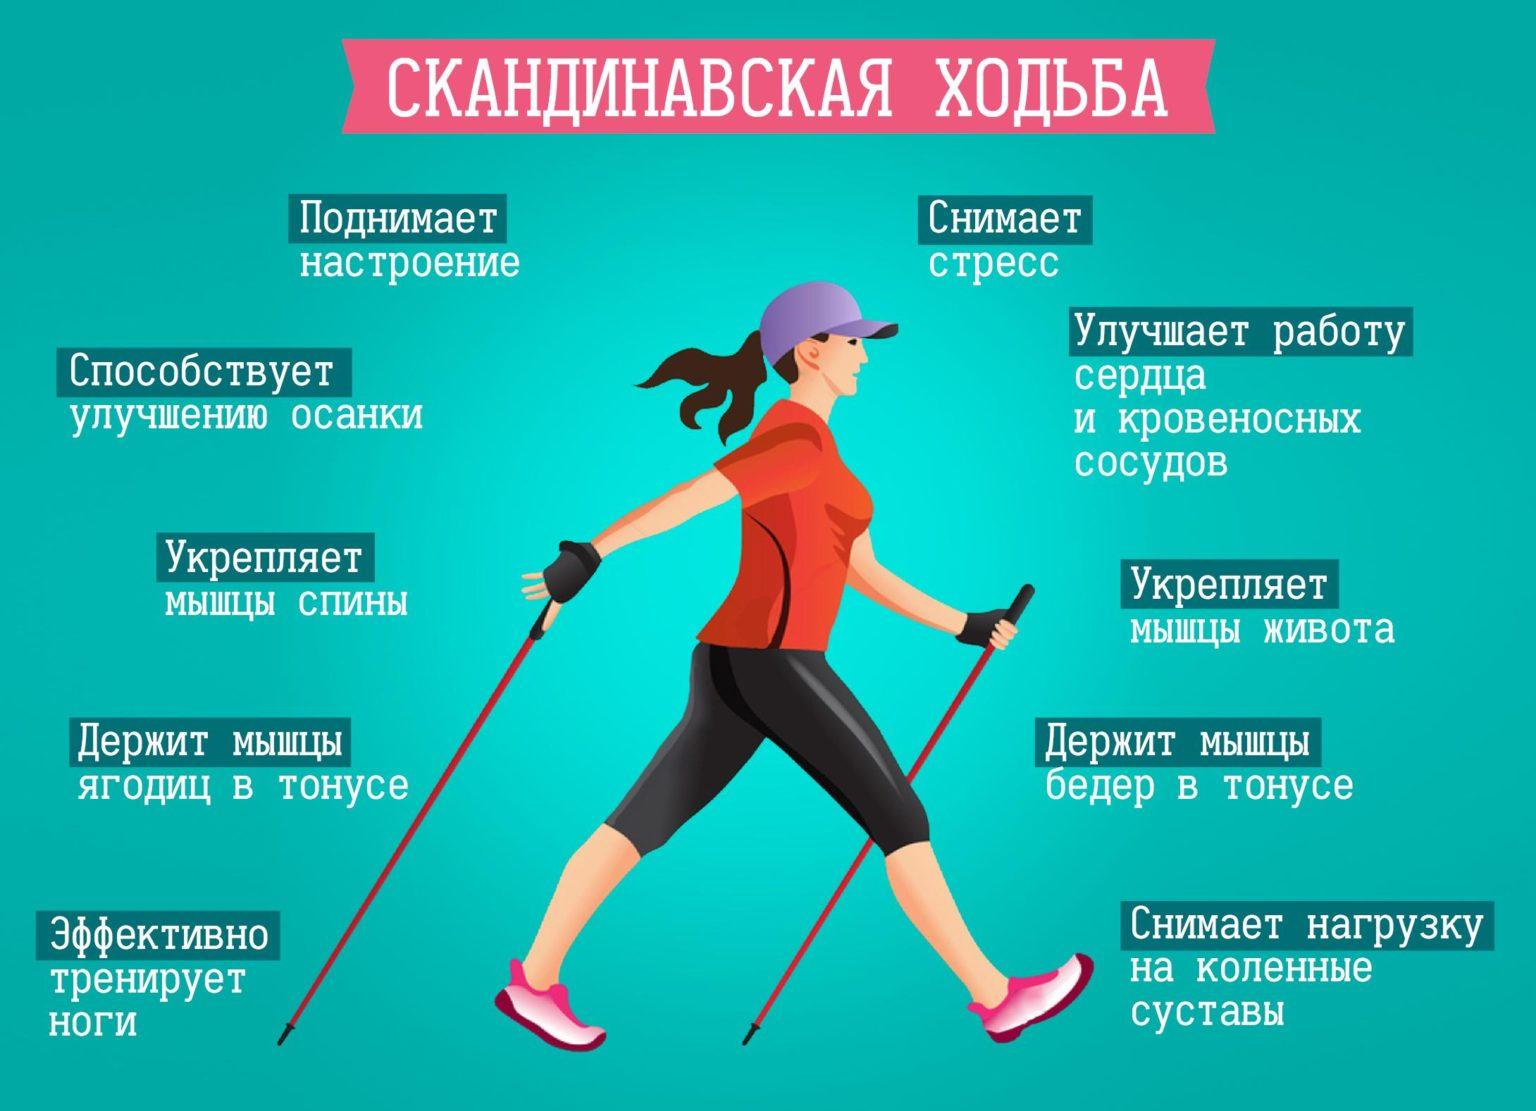 Скандинавская ходьба для похудения: техника ходьбы с палками